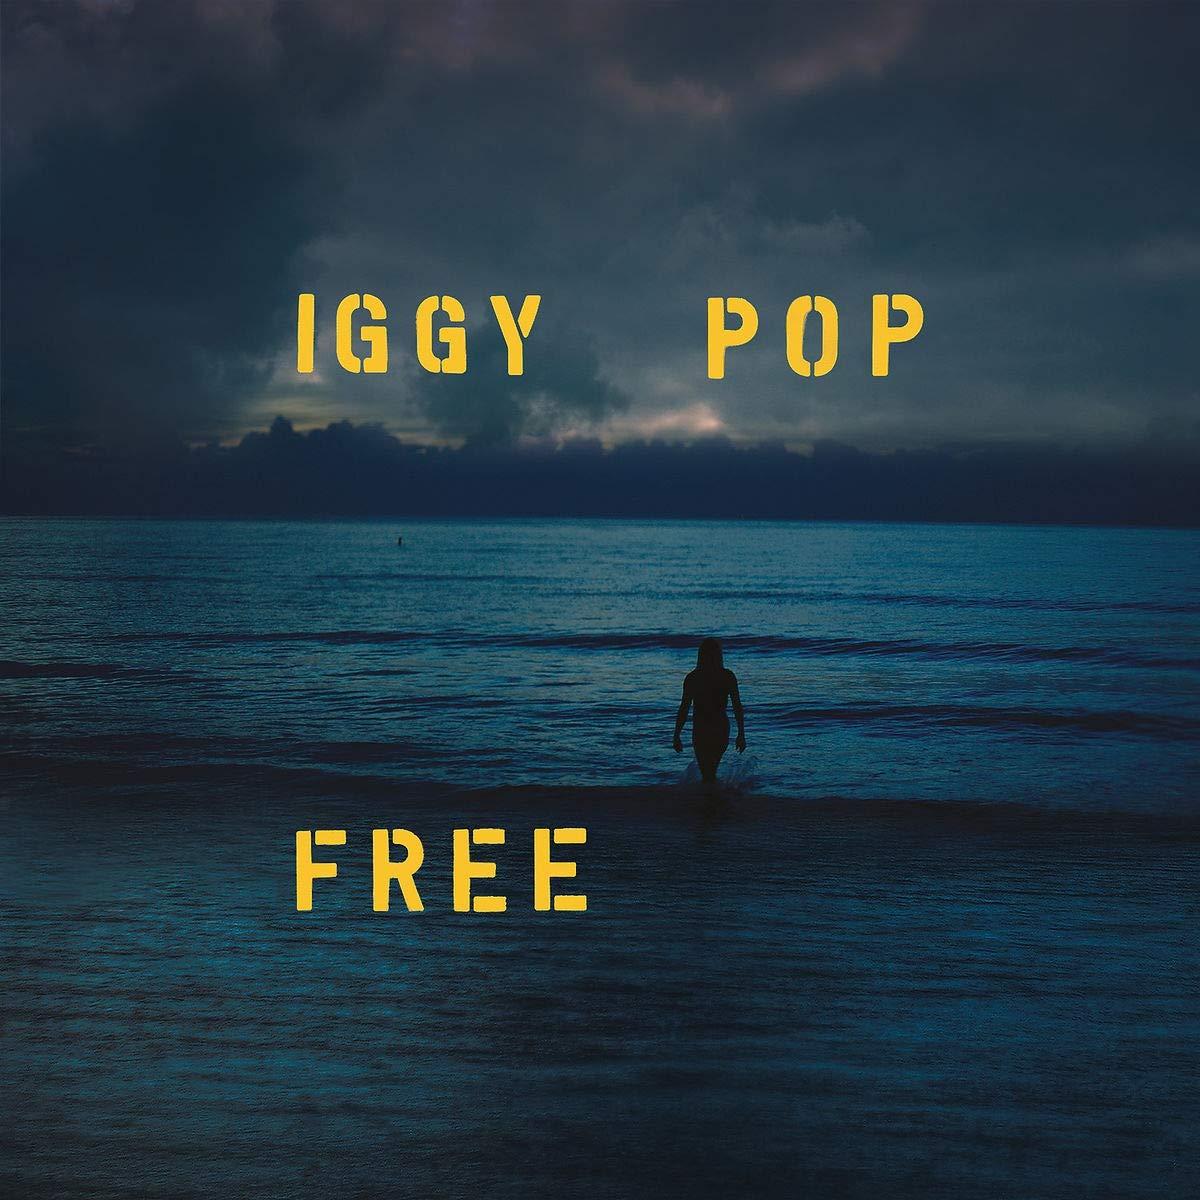 Copertina Vinile 33 giri Free di Iggy Pop